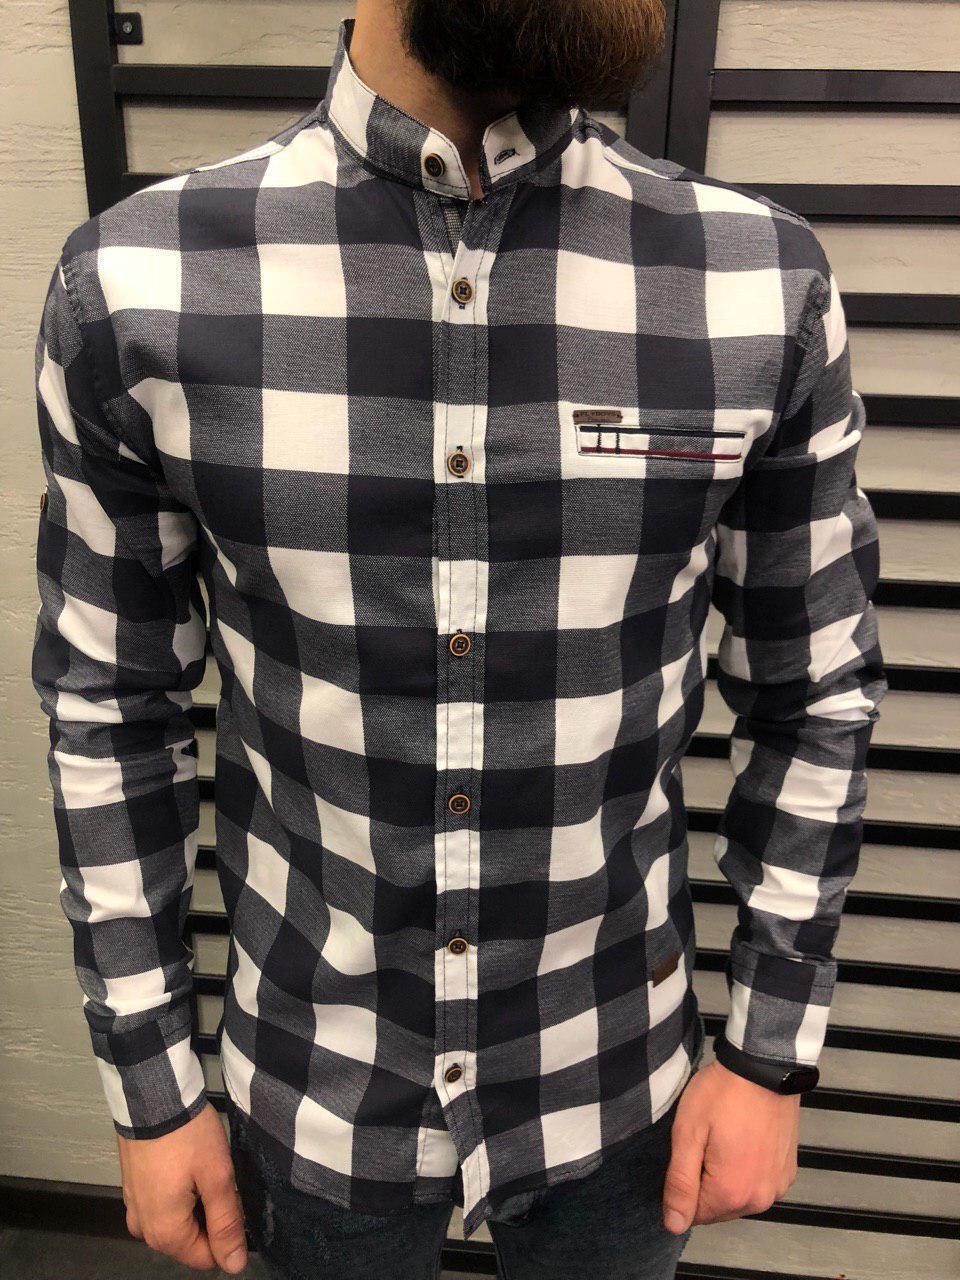 6db2c2d78c1 Мужская рубашка приталенная бело-черного цвета в клетку - Интернет-магазин  обуви и одежды